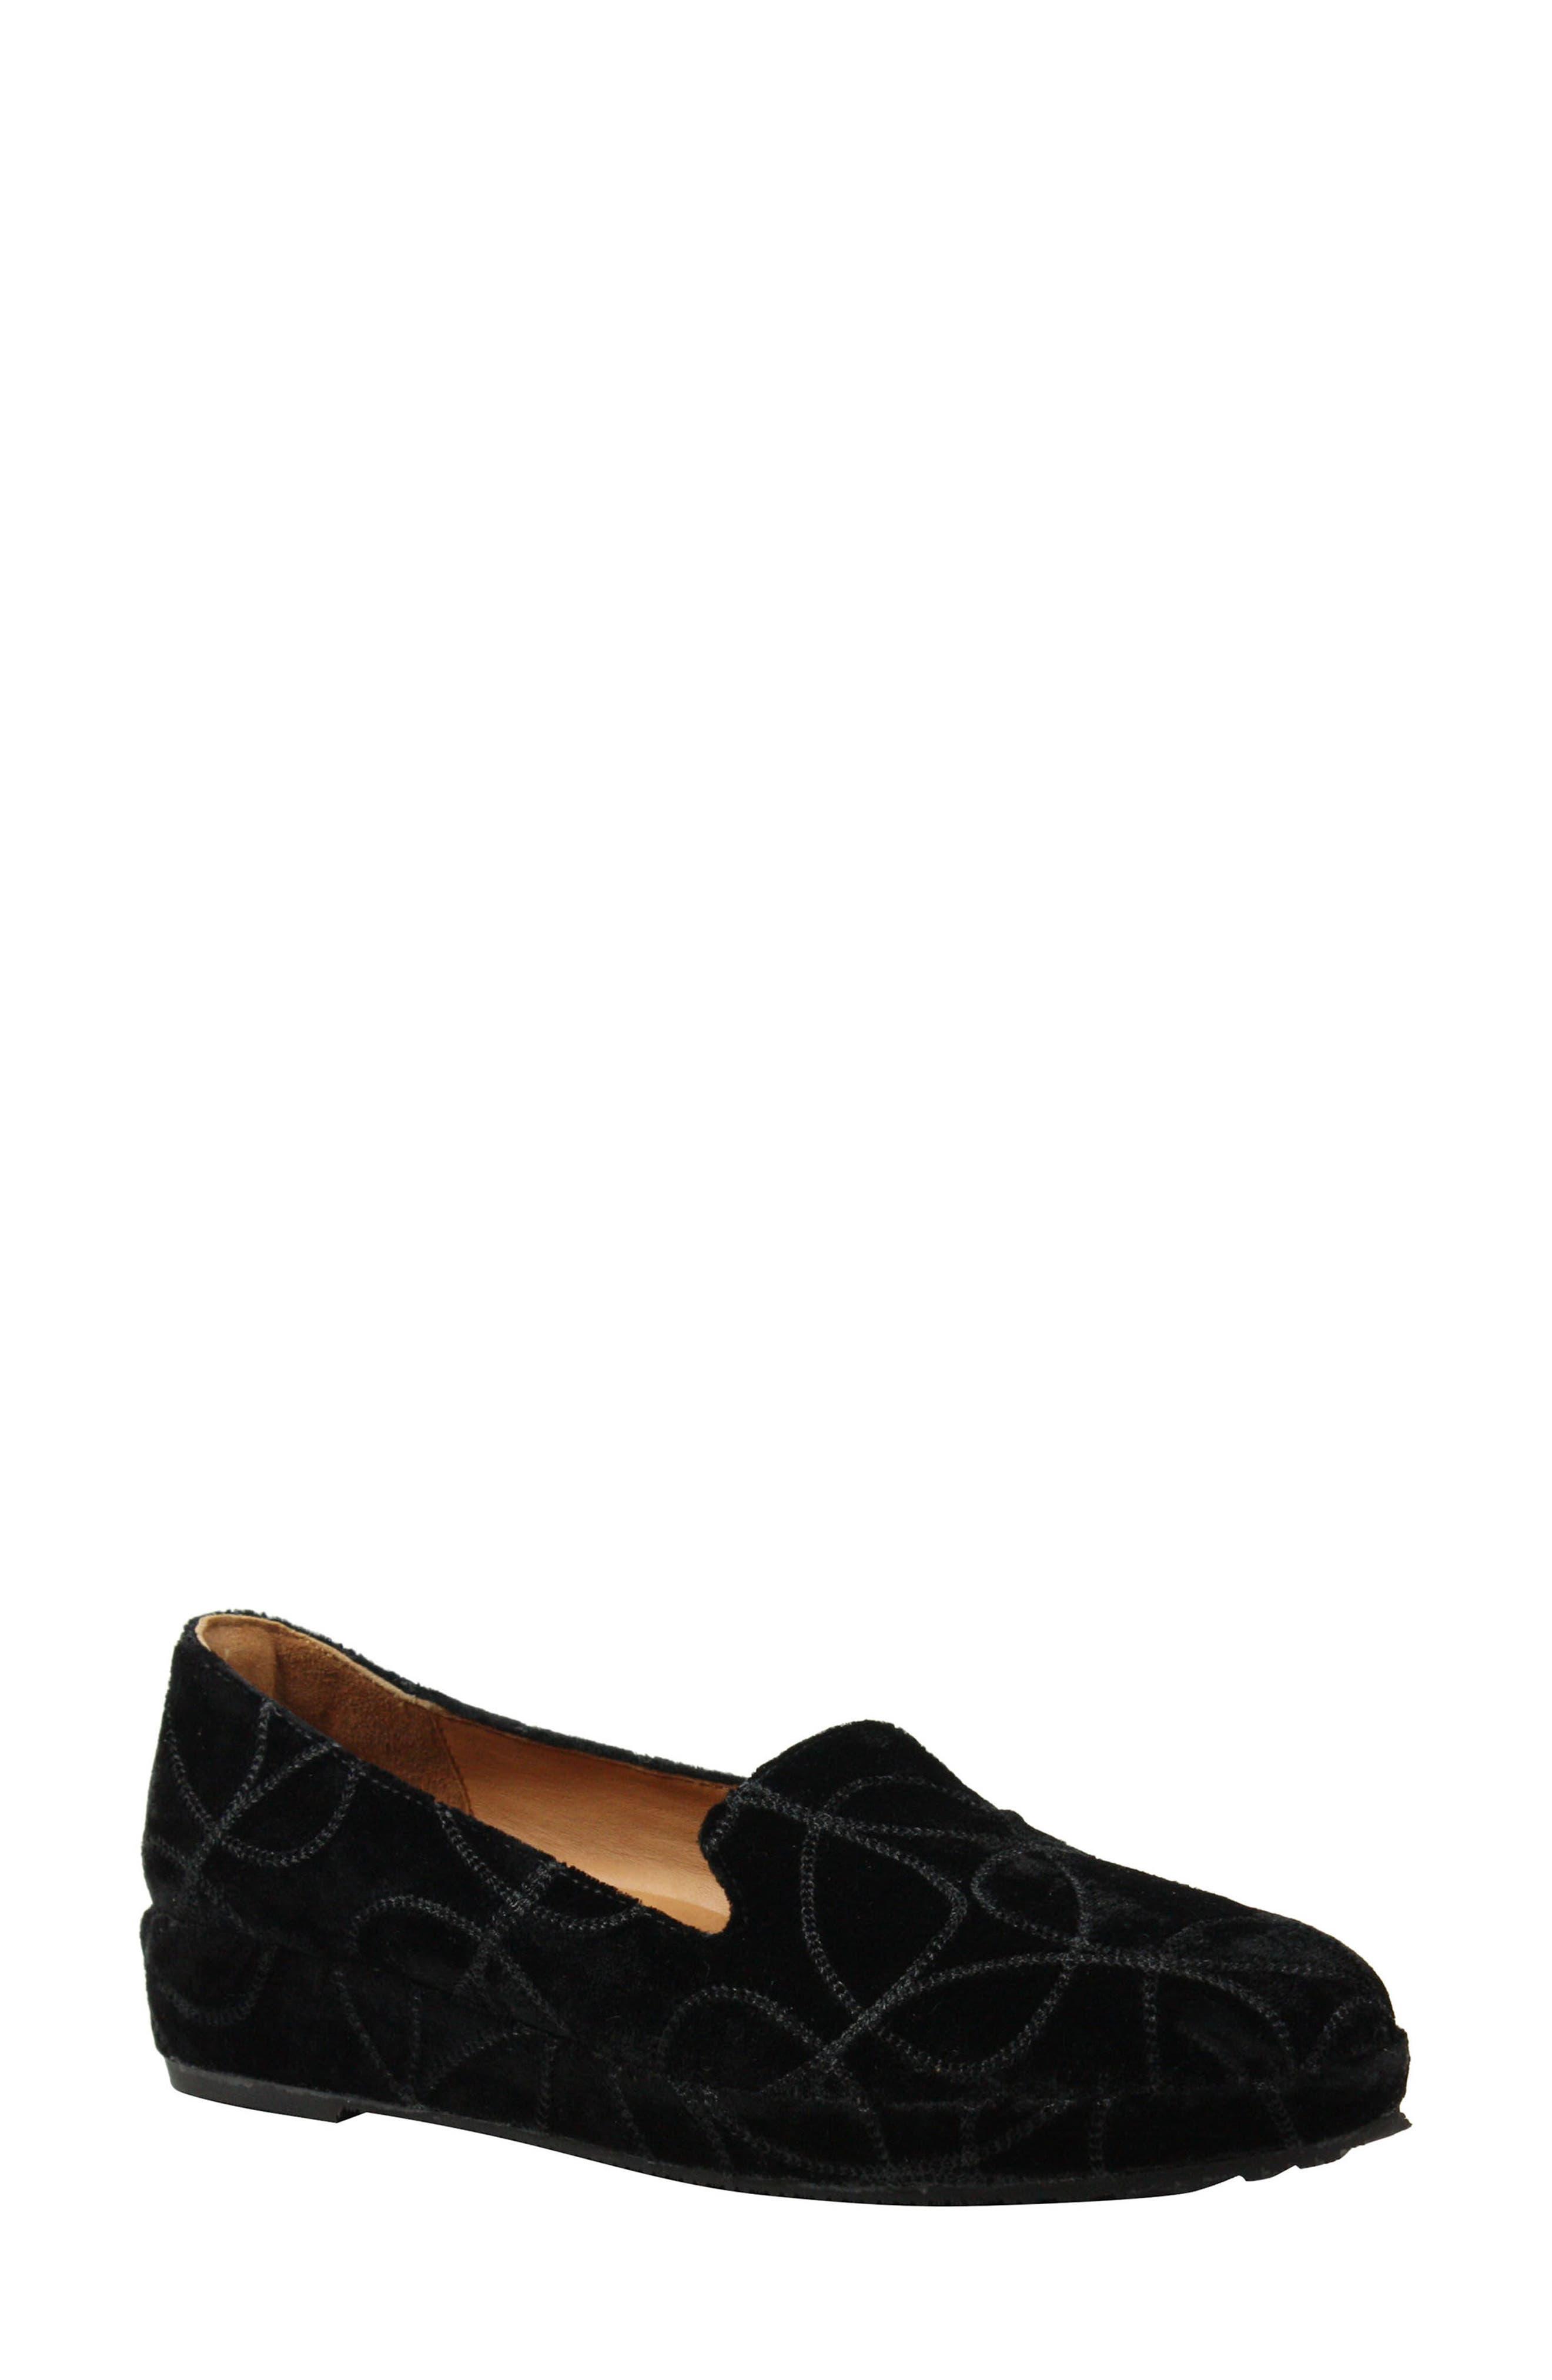 Carsoli Wedge Loafer,                             Main thumbnail 1, color,                             BLACK VELVET